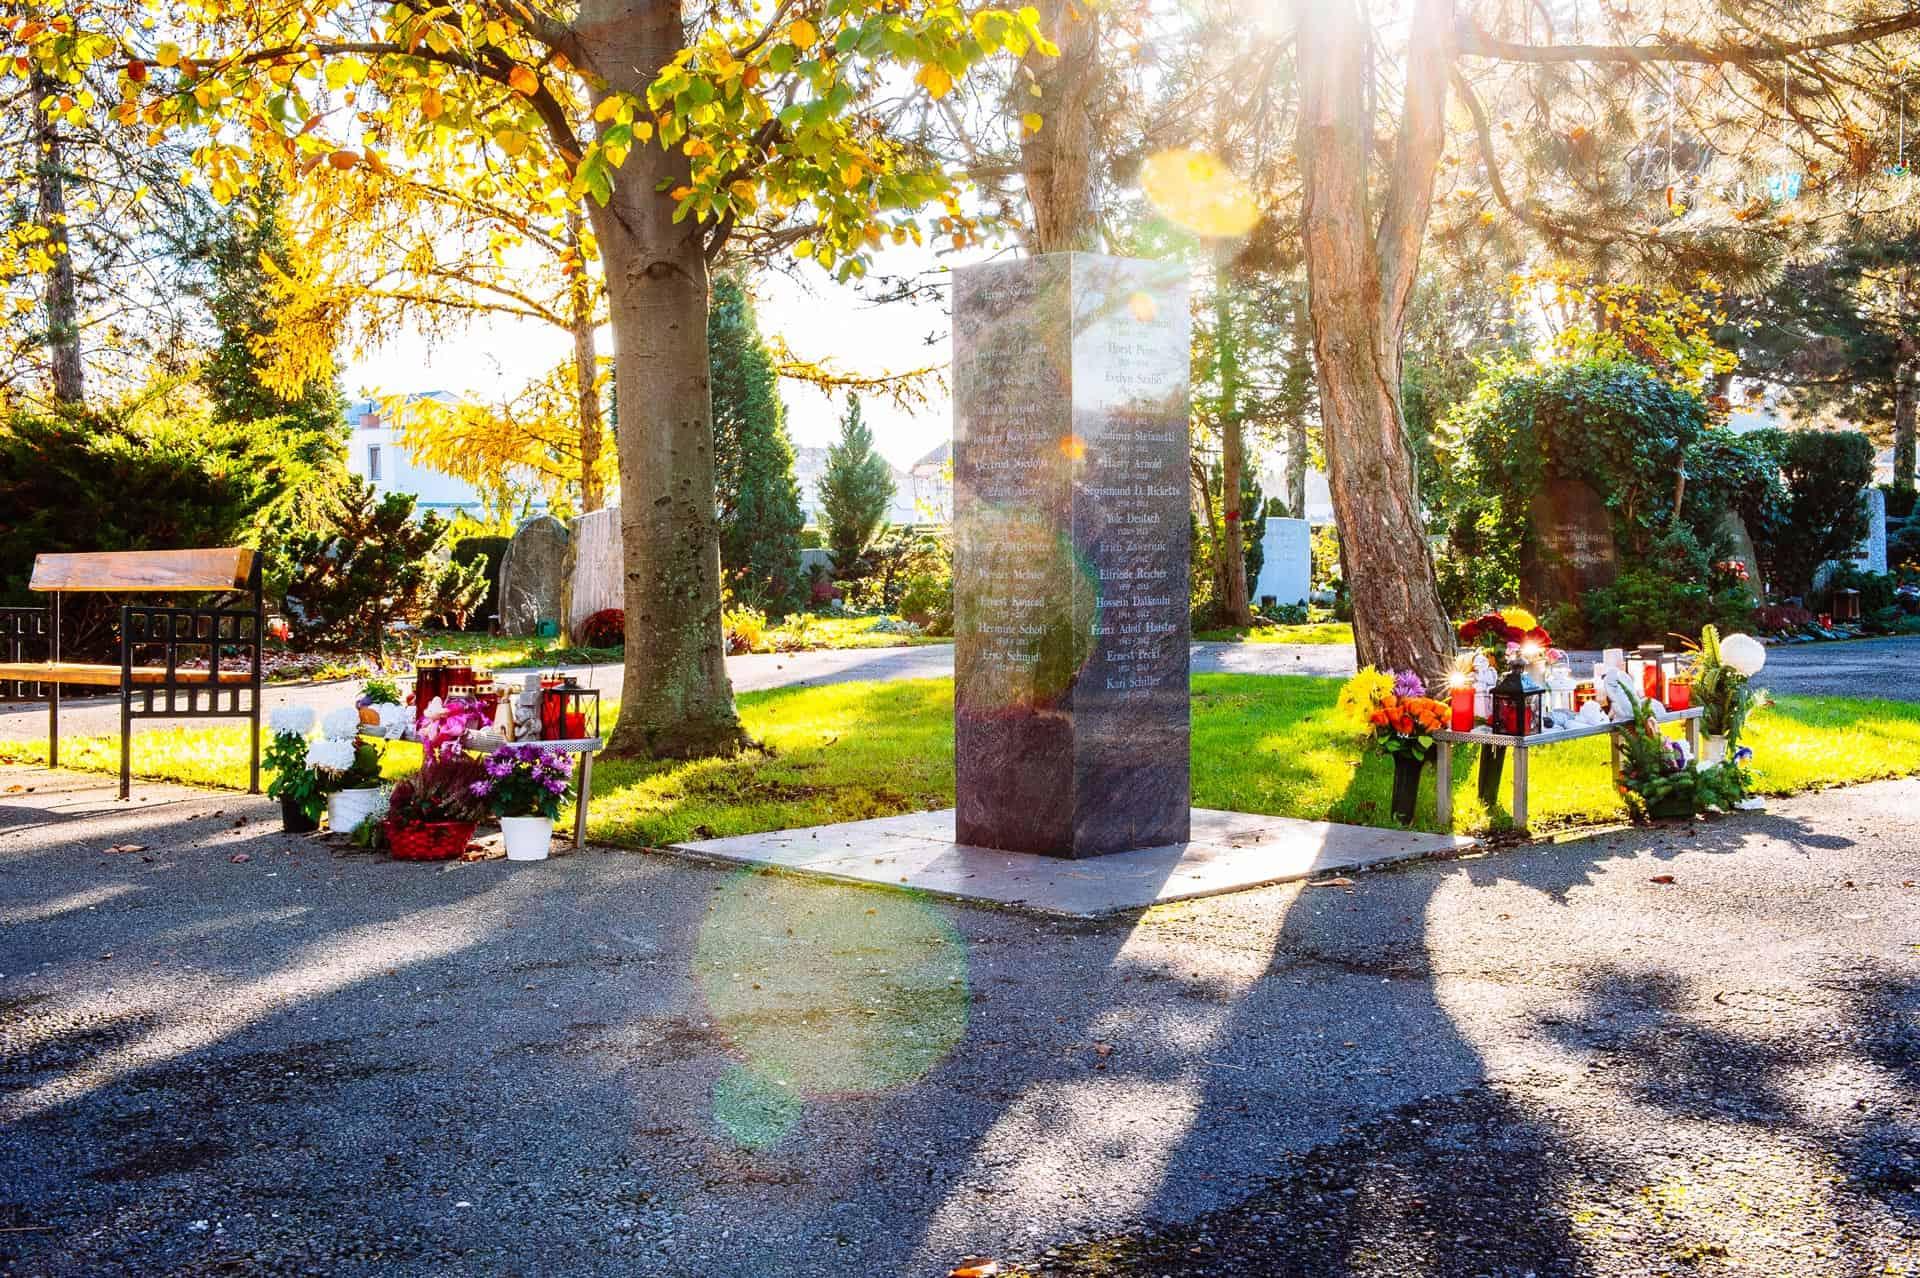 Holding Graz Bestattung - Urnenfriedhof - Bestattung - Feuerbestattung - Bestattung Graz 17